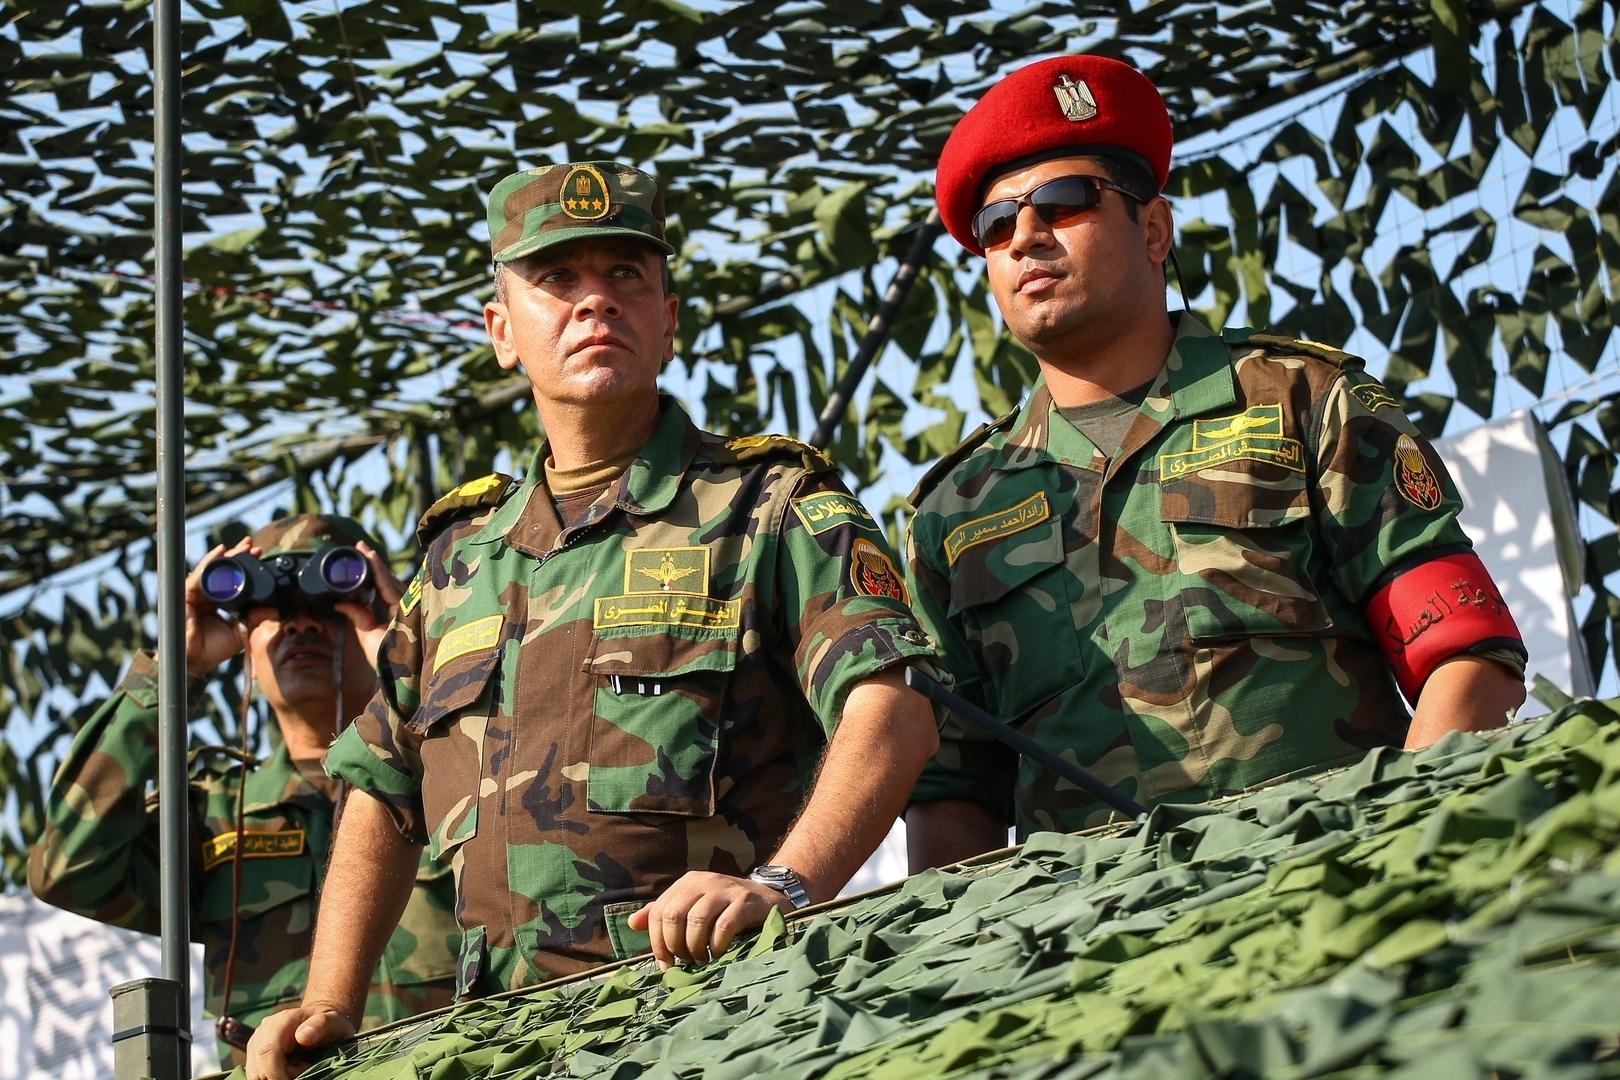 خبيران عسكريان يتحدثان لـRT عن دلالات الاتفاقية العسكرية بين مصر وأوغندا